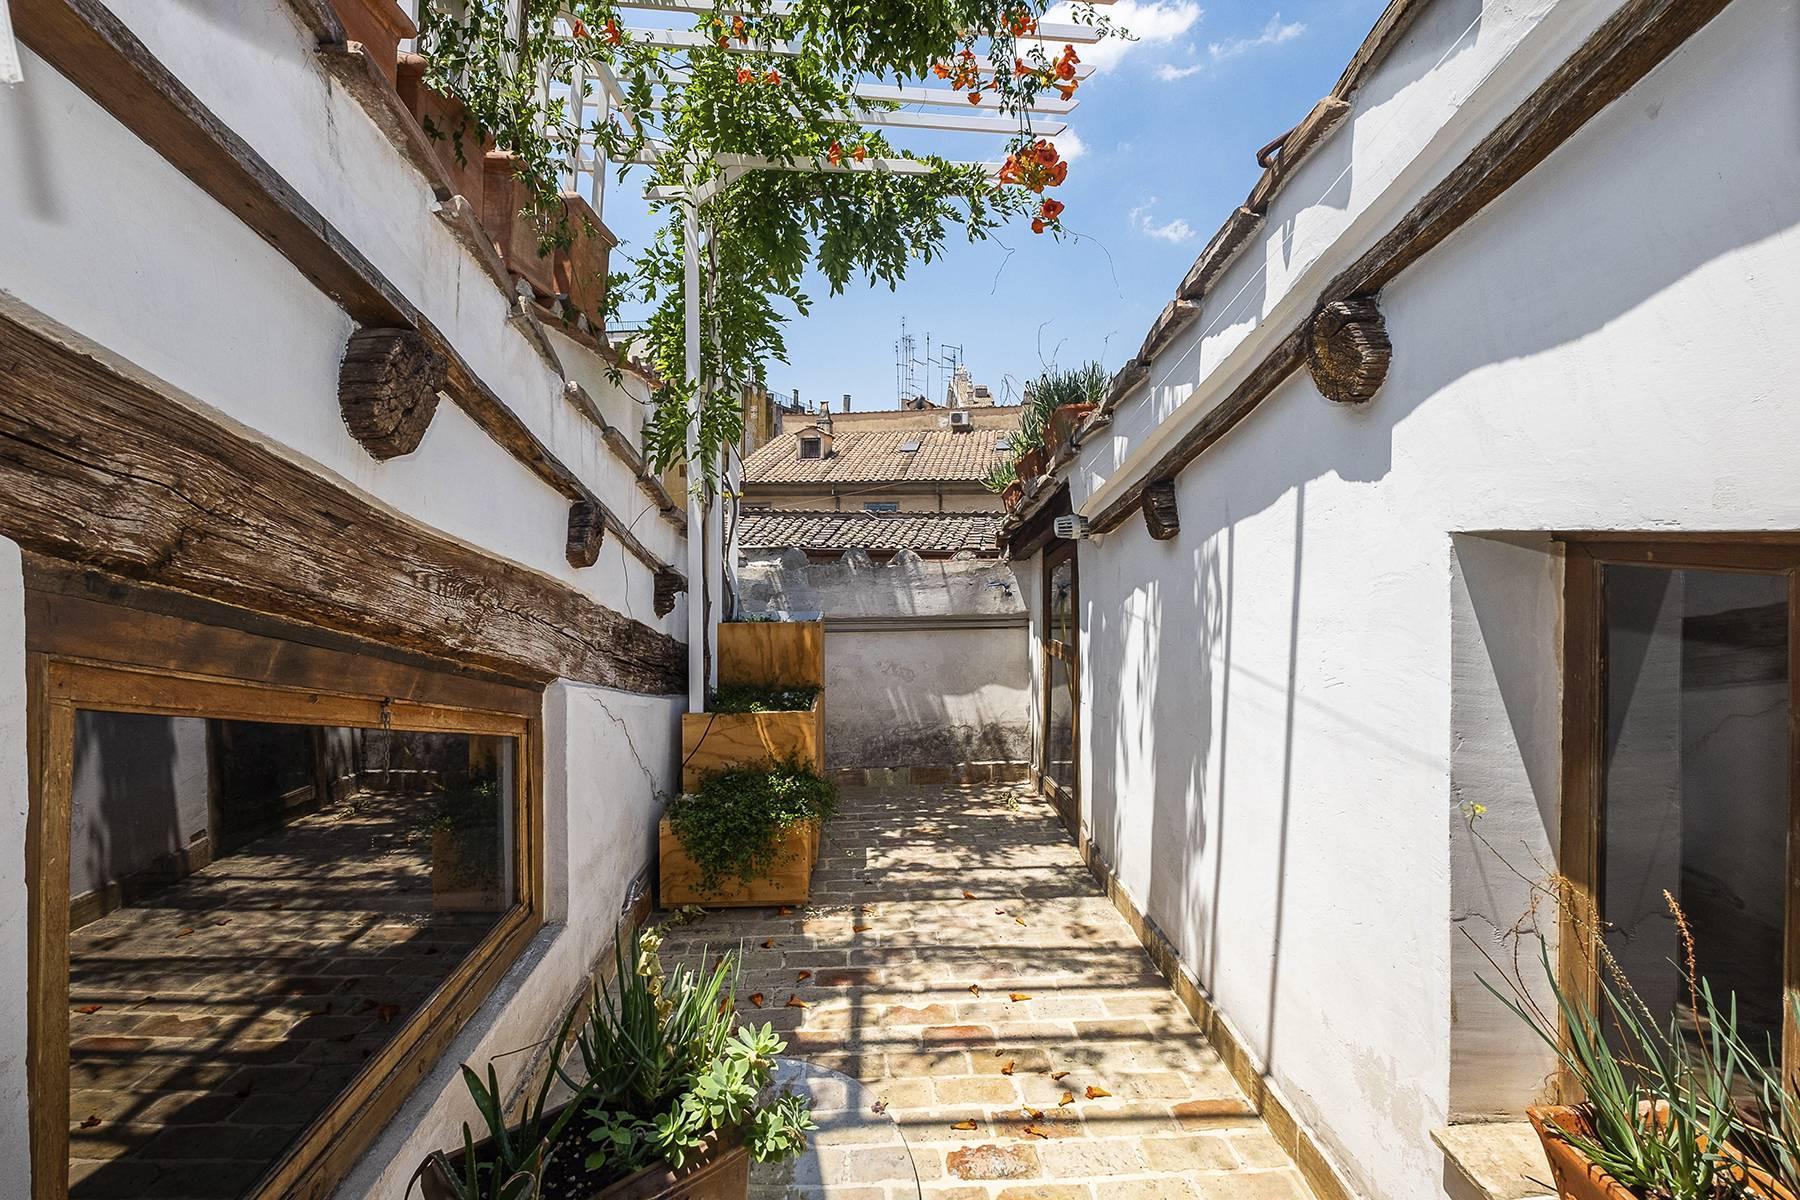 Splendido attico ristrutturato con giardini pensili panoramici - 22